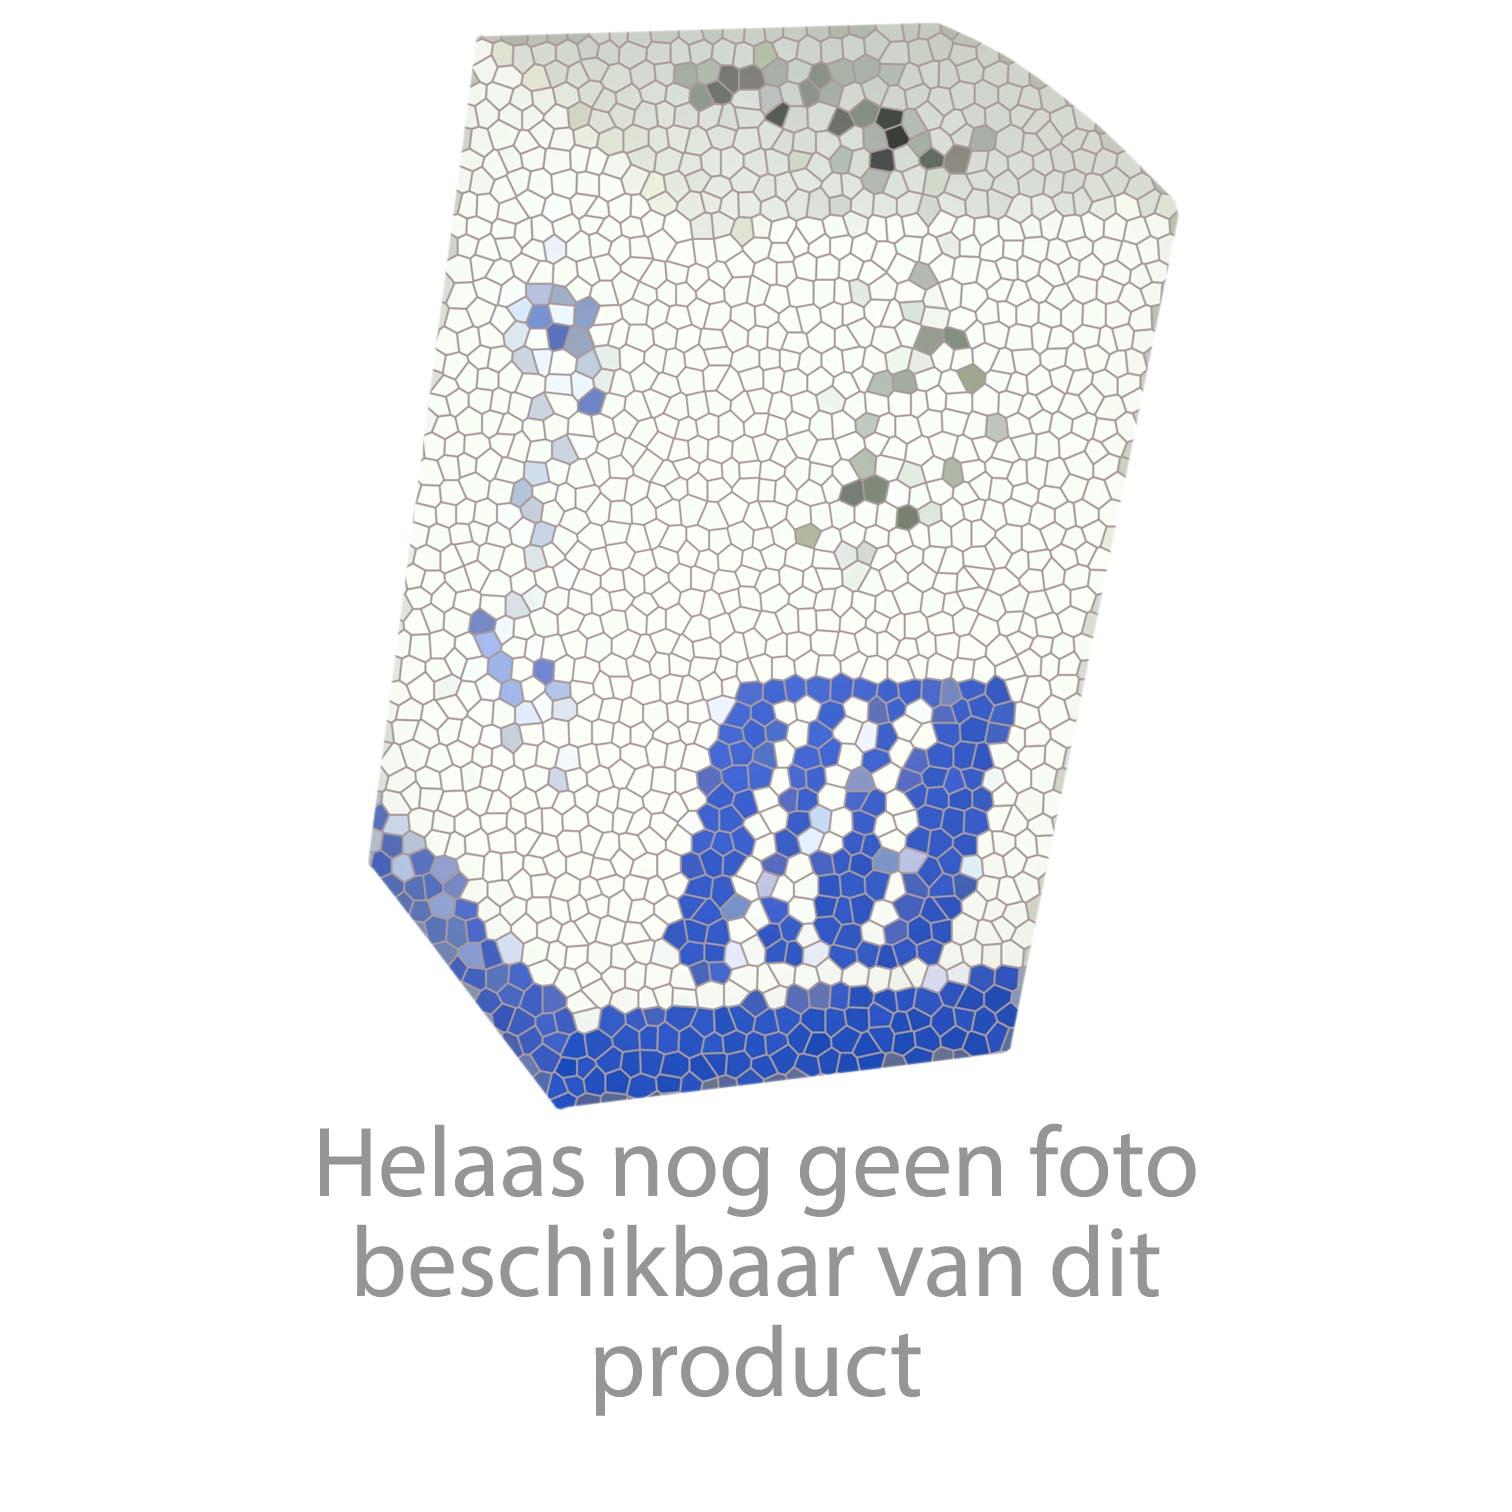 HansGrohe Keukenmengkranen Allegra Uno productiejaar > 05/01 14824000 onderdelen